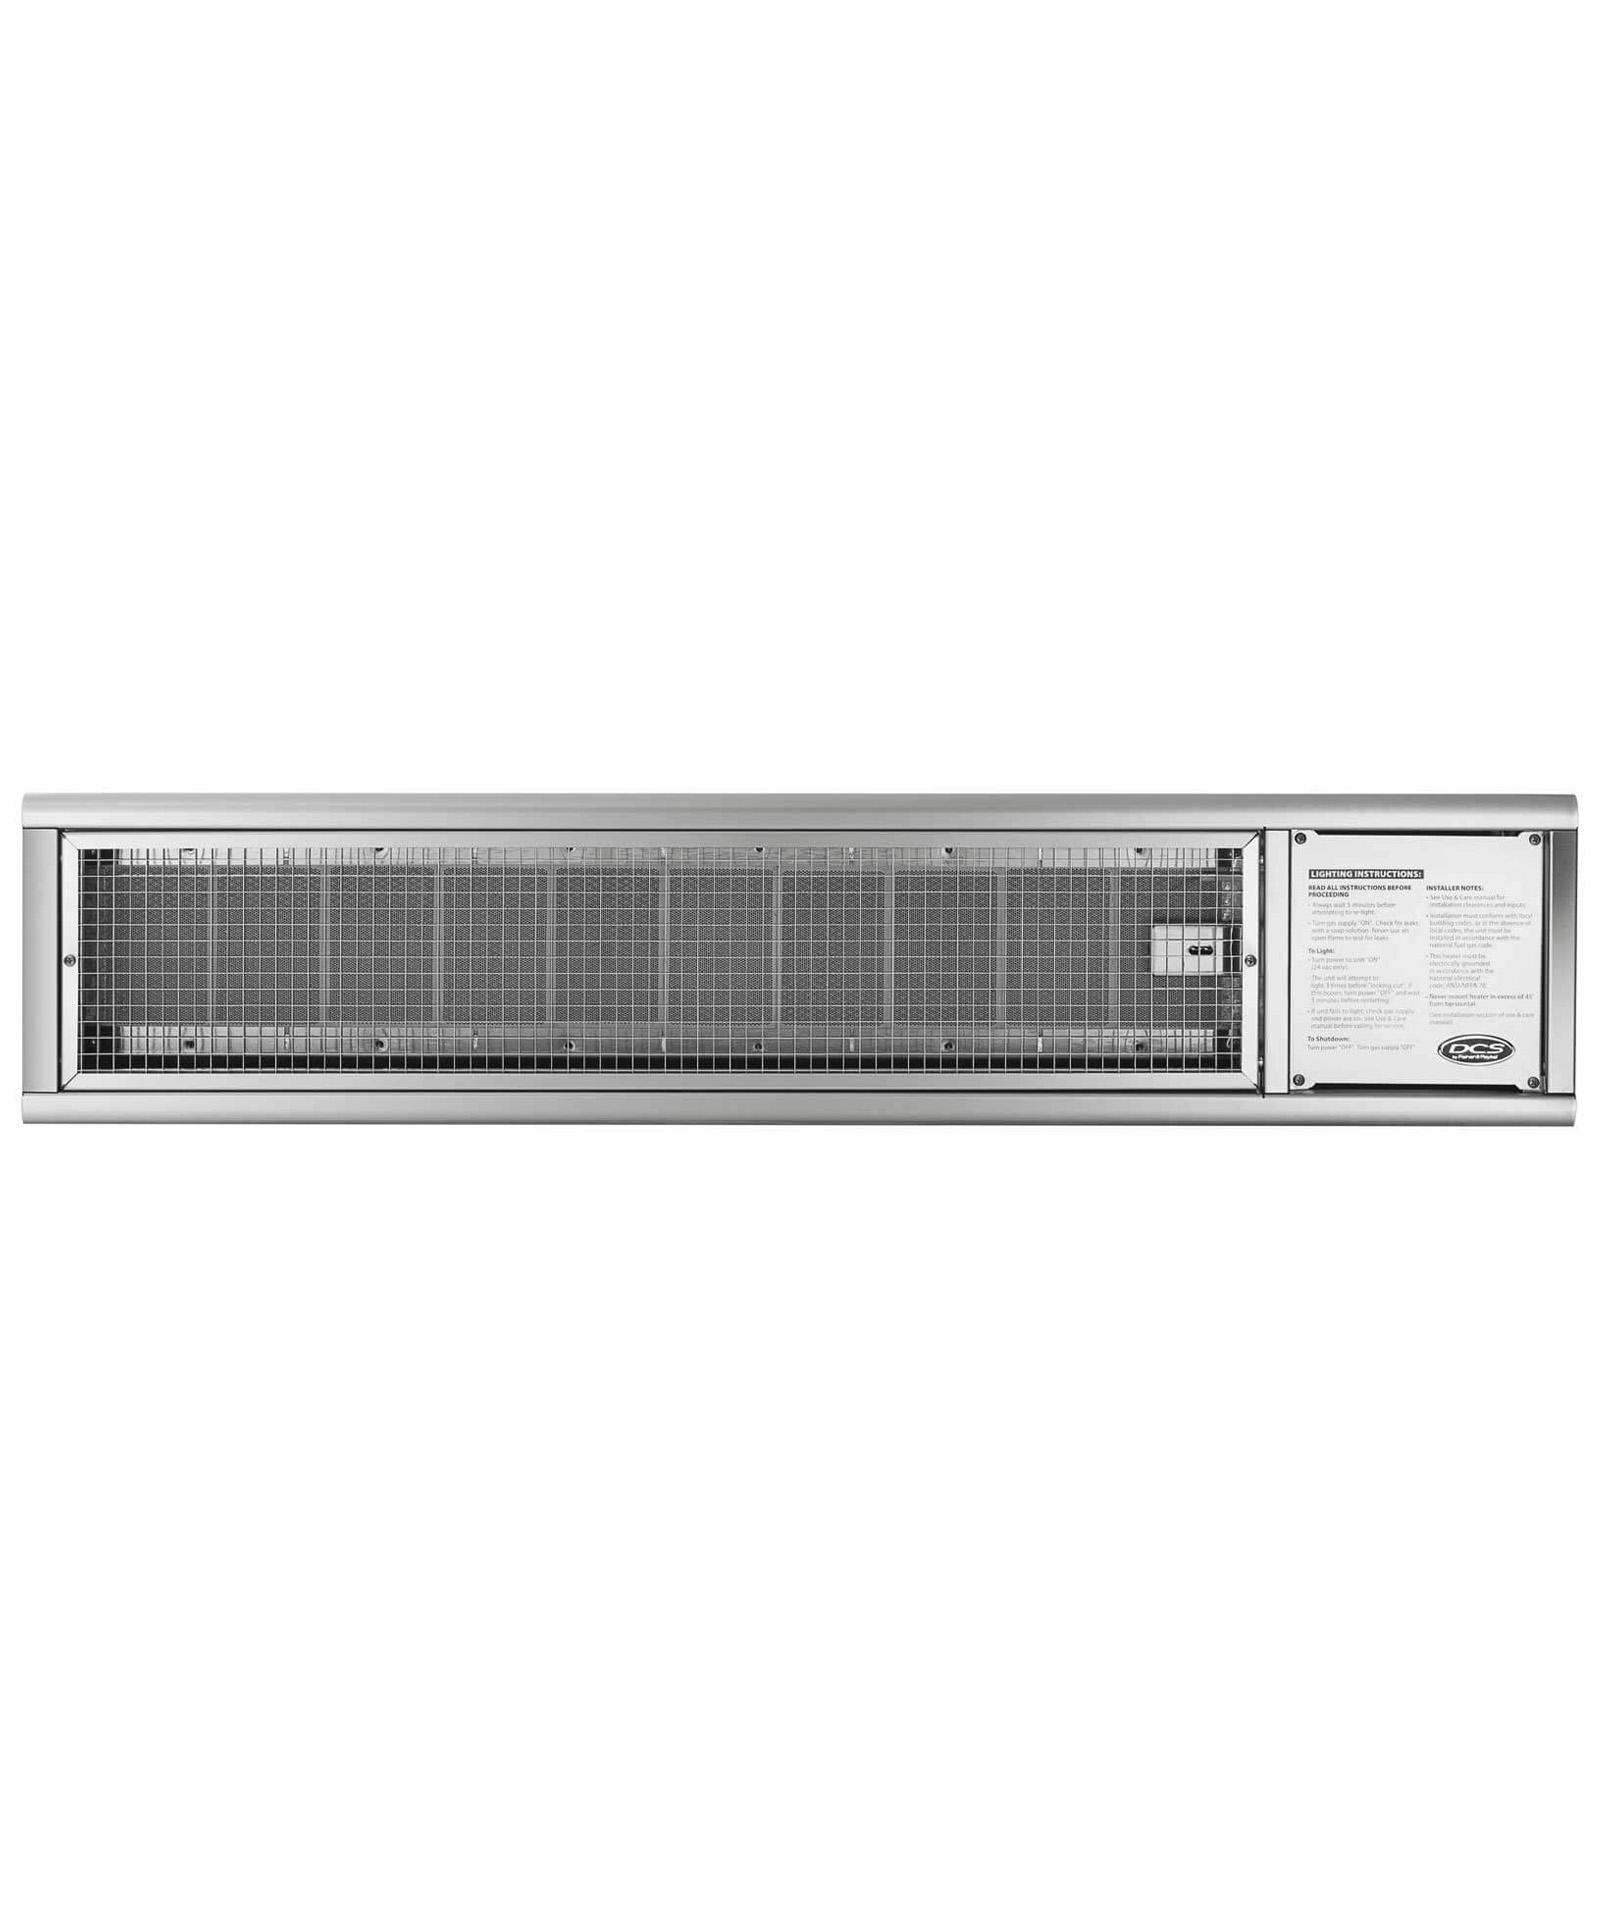 DCS Patio Heater - Built in